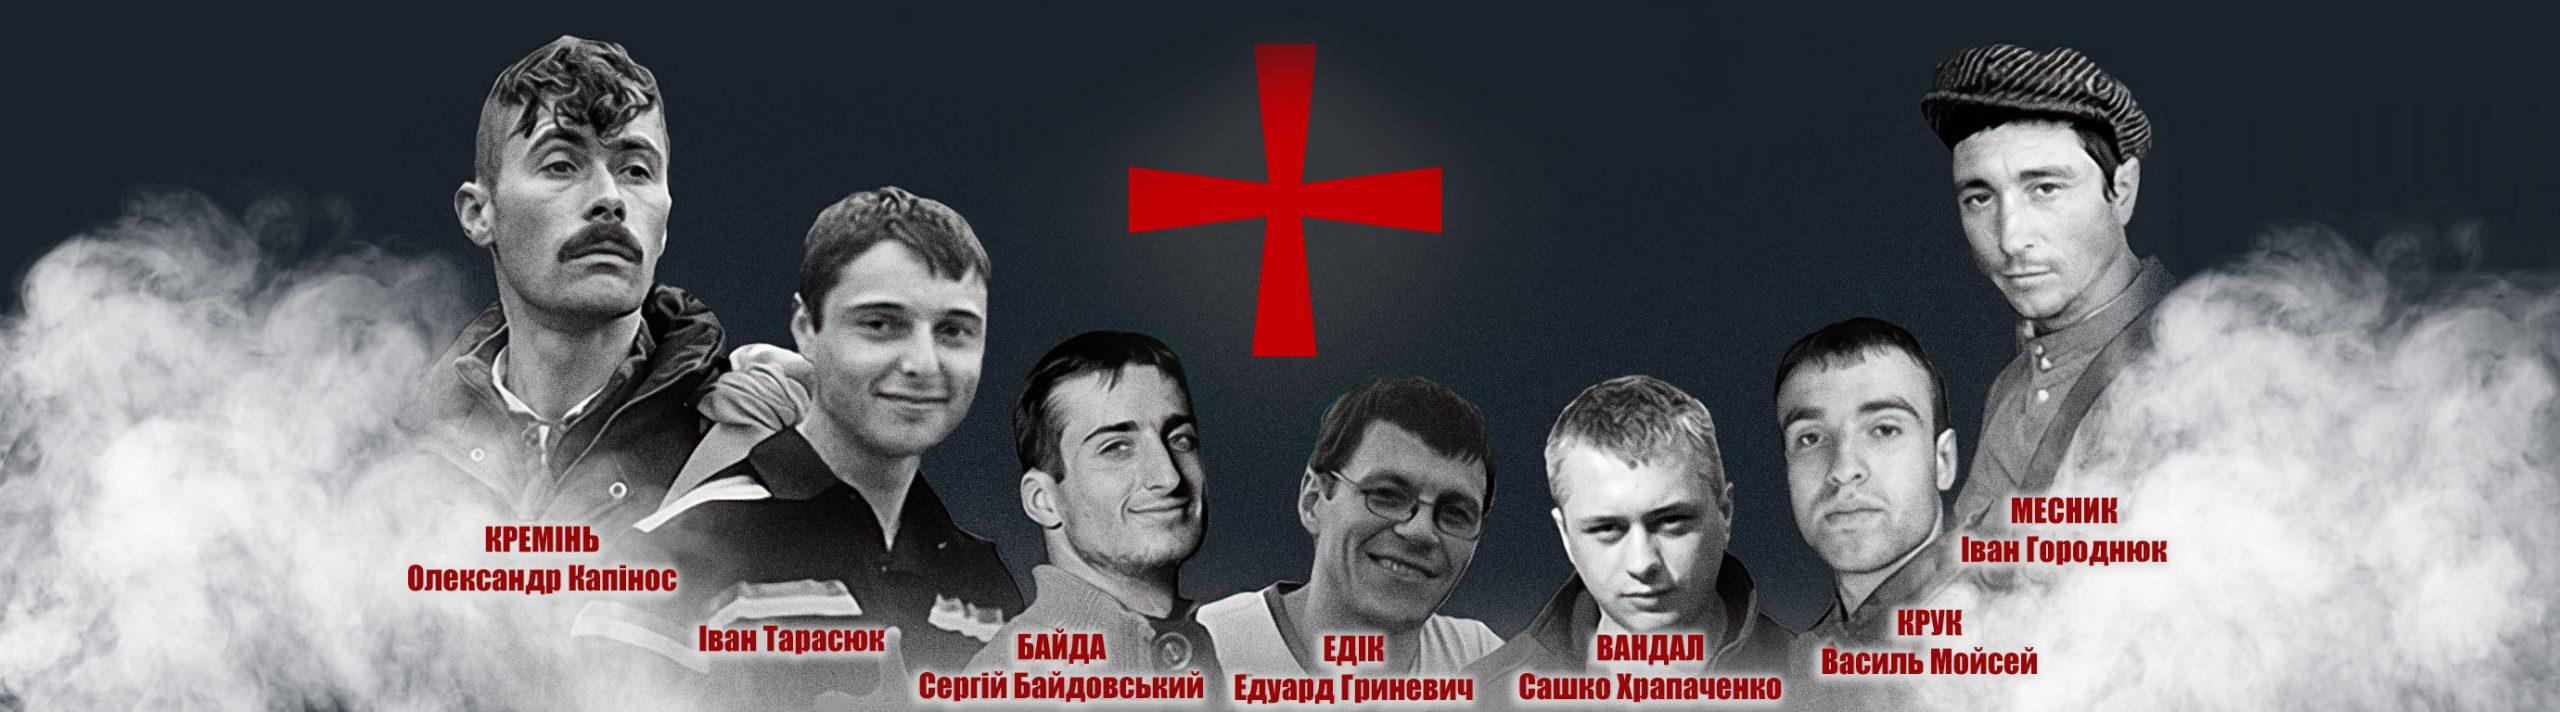 Змагання Доброволець присвячені героям України